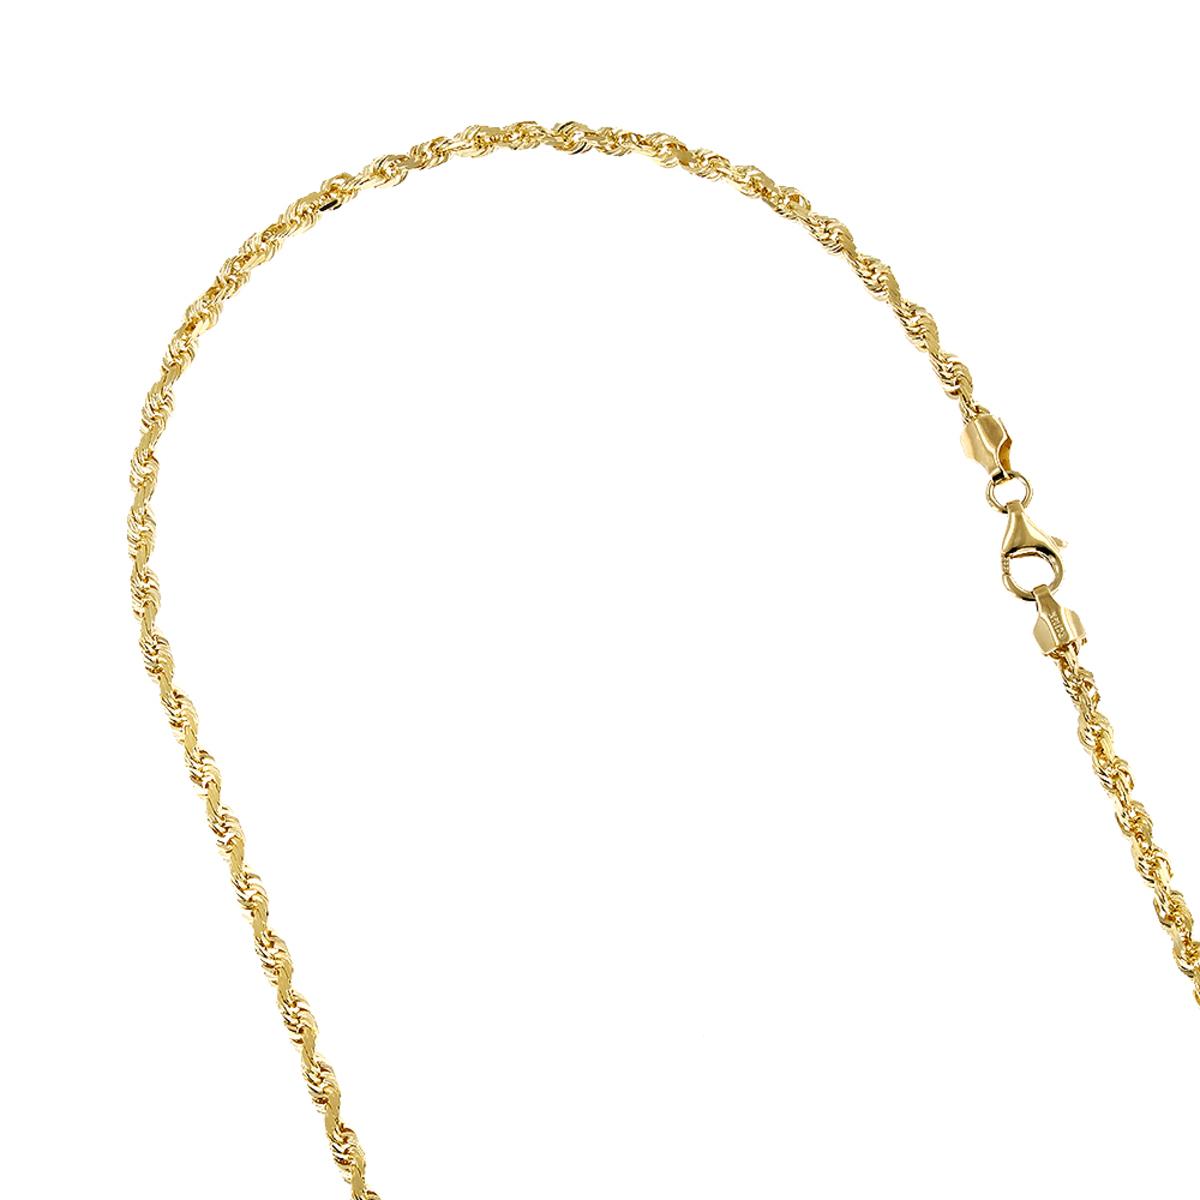 LUXURMAN Solid 14k Gold Rope Chain For Men & Women Diamond Cut 3.5mm